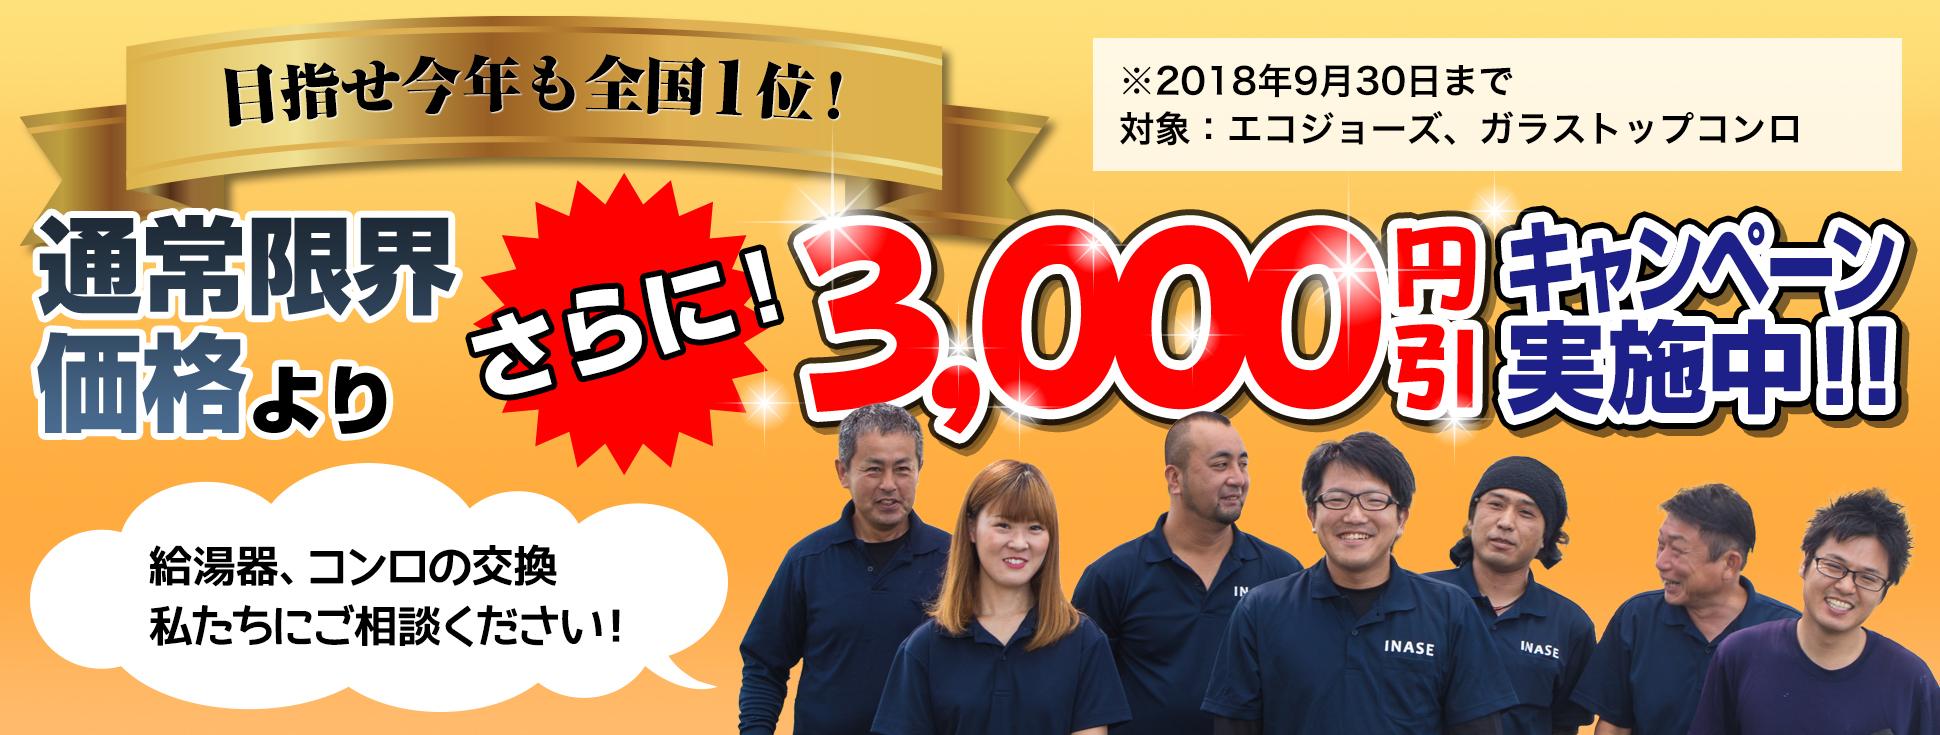 目指せ今年も全国1位!通常限界価格よりさらに3,000円引キャンペーン実施中!